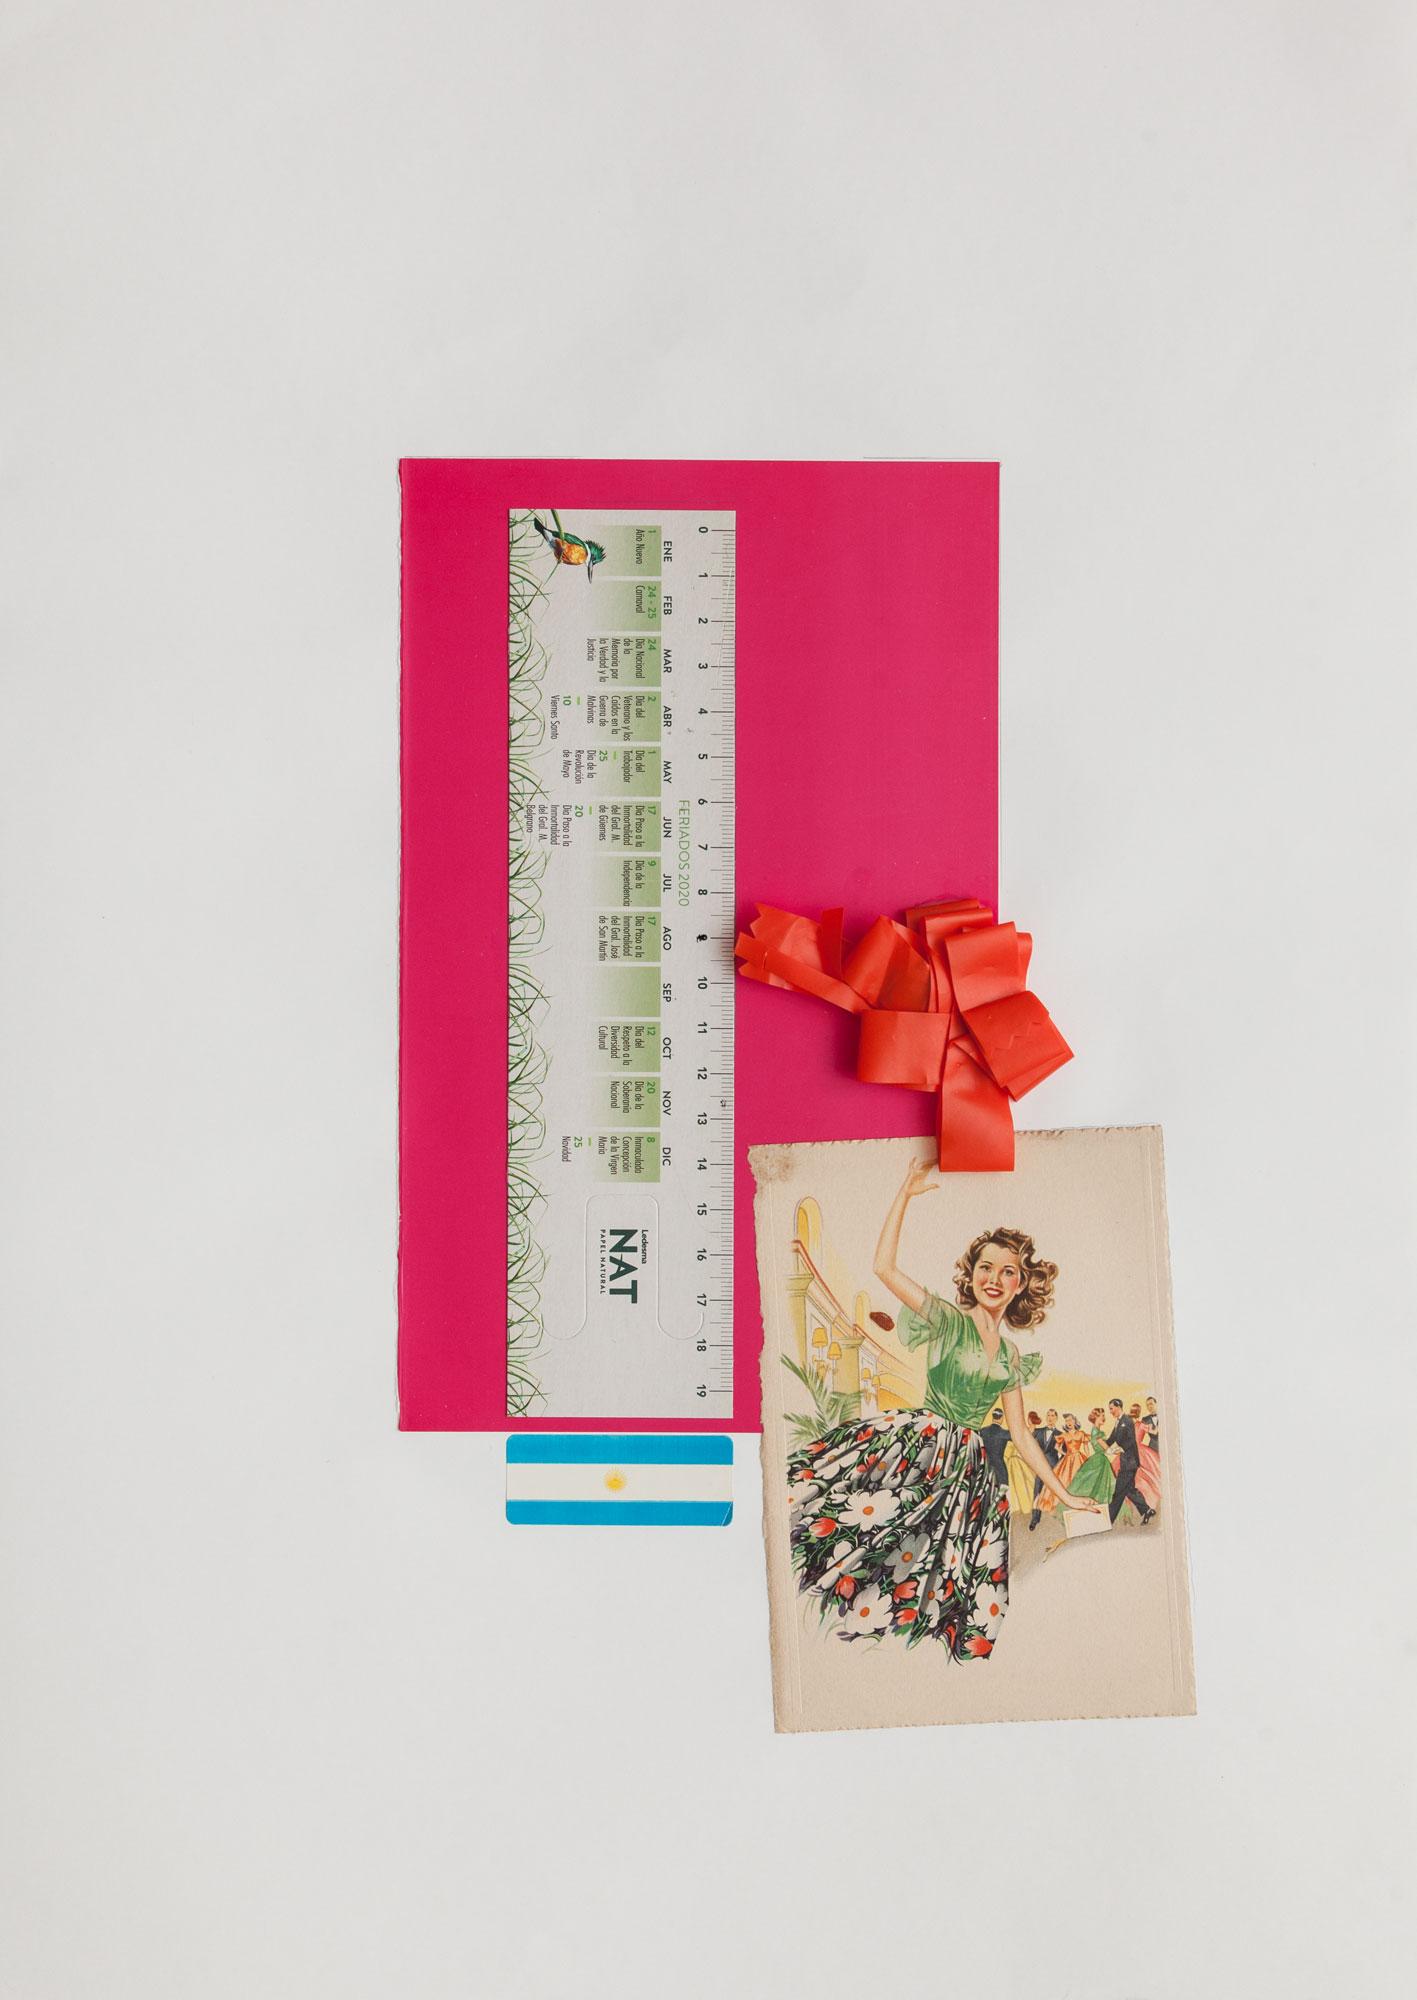 Tomando medidas, serie La sutileza de la imagen_papel collage 44 cm x 31 cm 2020